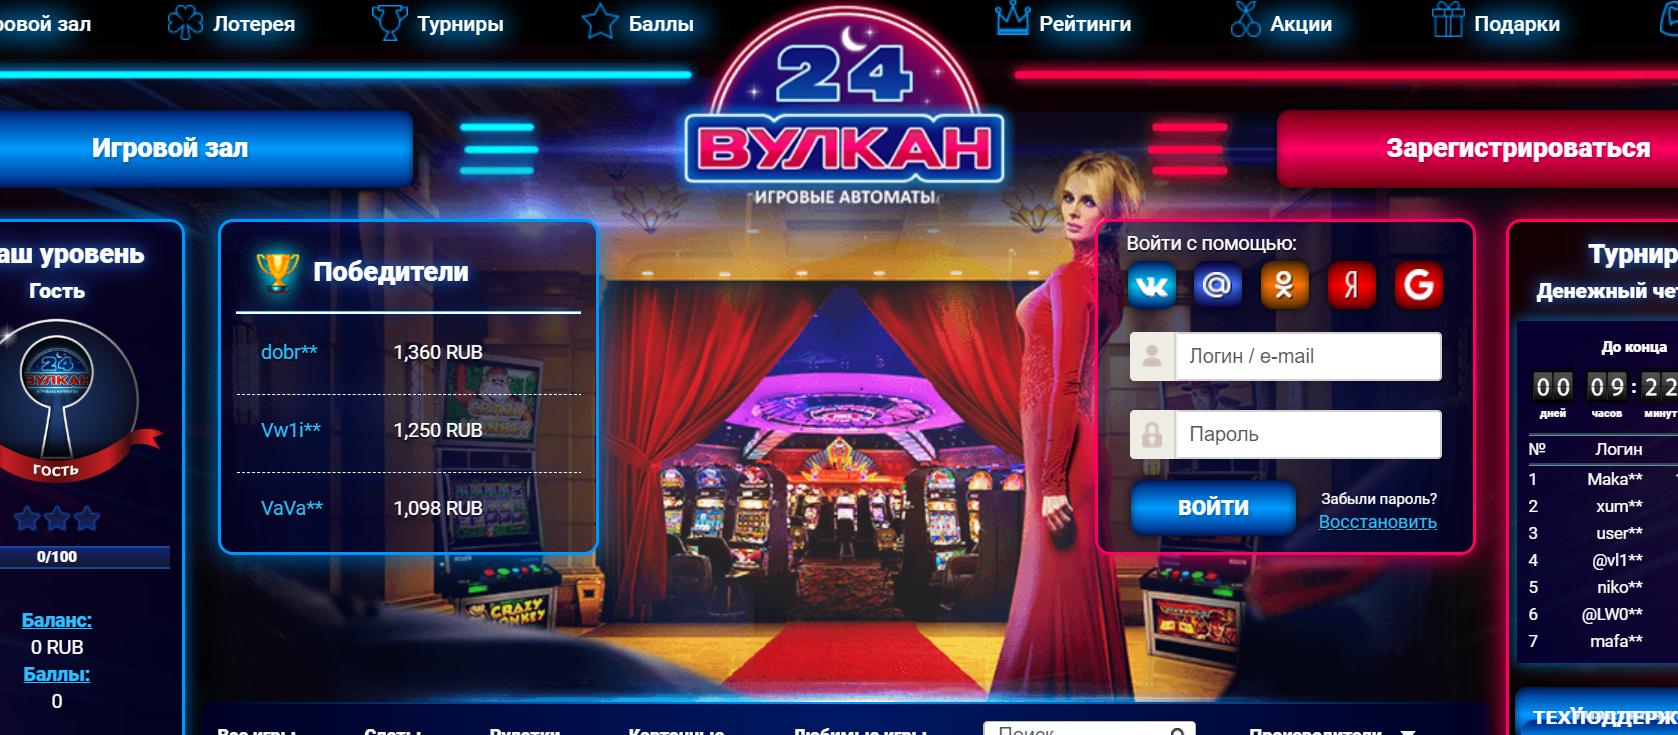 Увлекательные игровые сюжеты только в интернет клубе Вулкан 24!